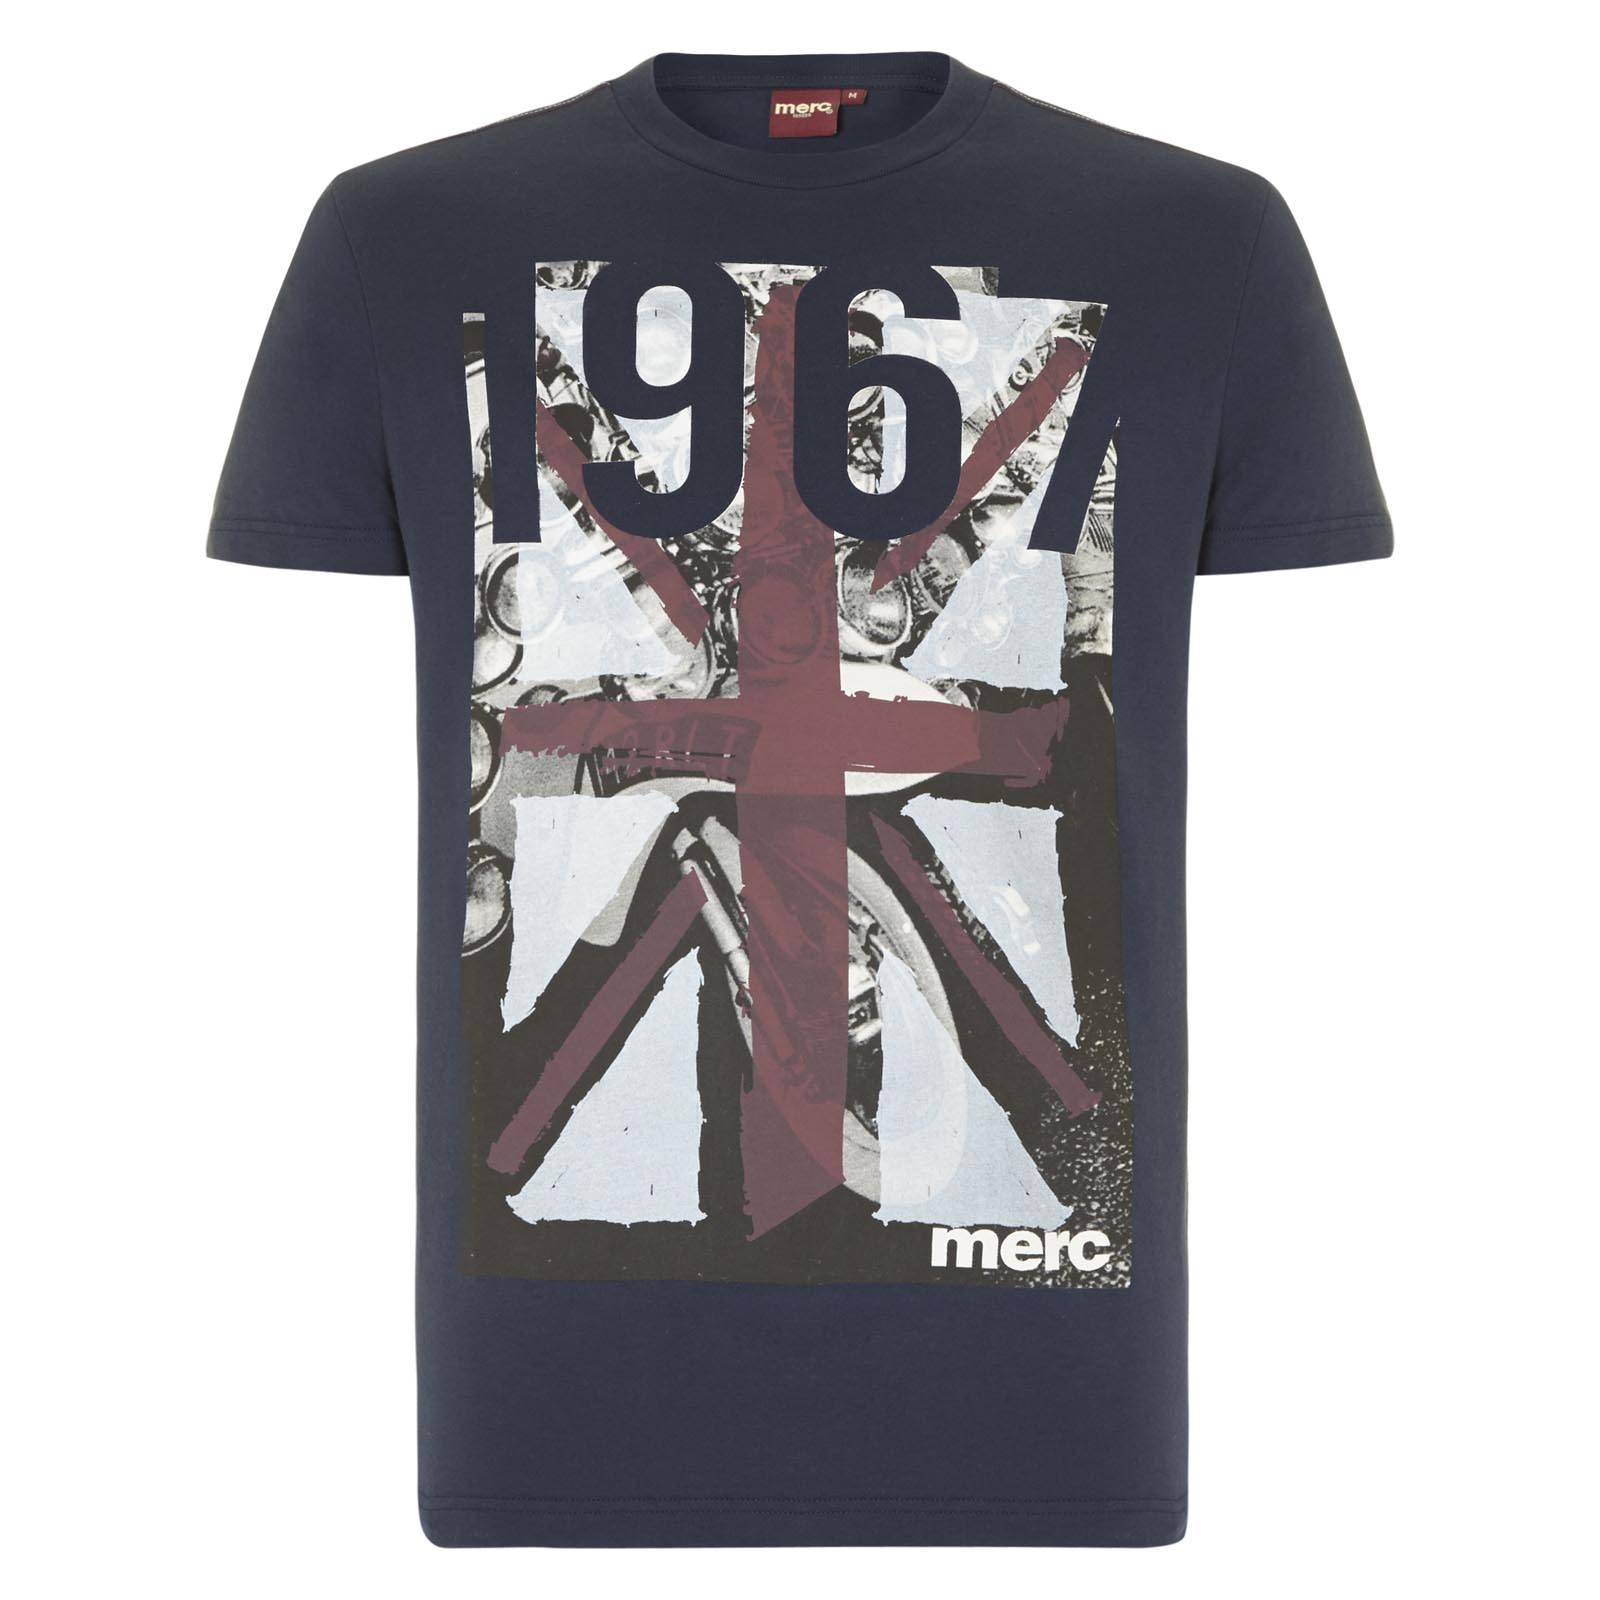 Футболка AlstonФутболки<br>Эффектная мужская футболка приталенного покроя с изображением британского Юнион Джека в стиле стрит-арт, нарисованного краской на черно-белом изображении скутеров эпохи Шестидесятых. Цифра 1967 символизируют год основания Merc.<br><br>Артикул: 1714202<br>Материал: 100% хлопок<br>Цвет: синий<br>Пол: Мужской